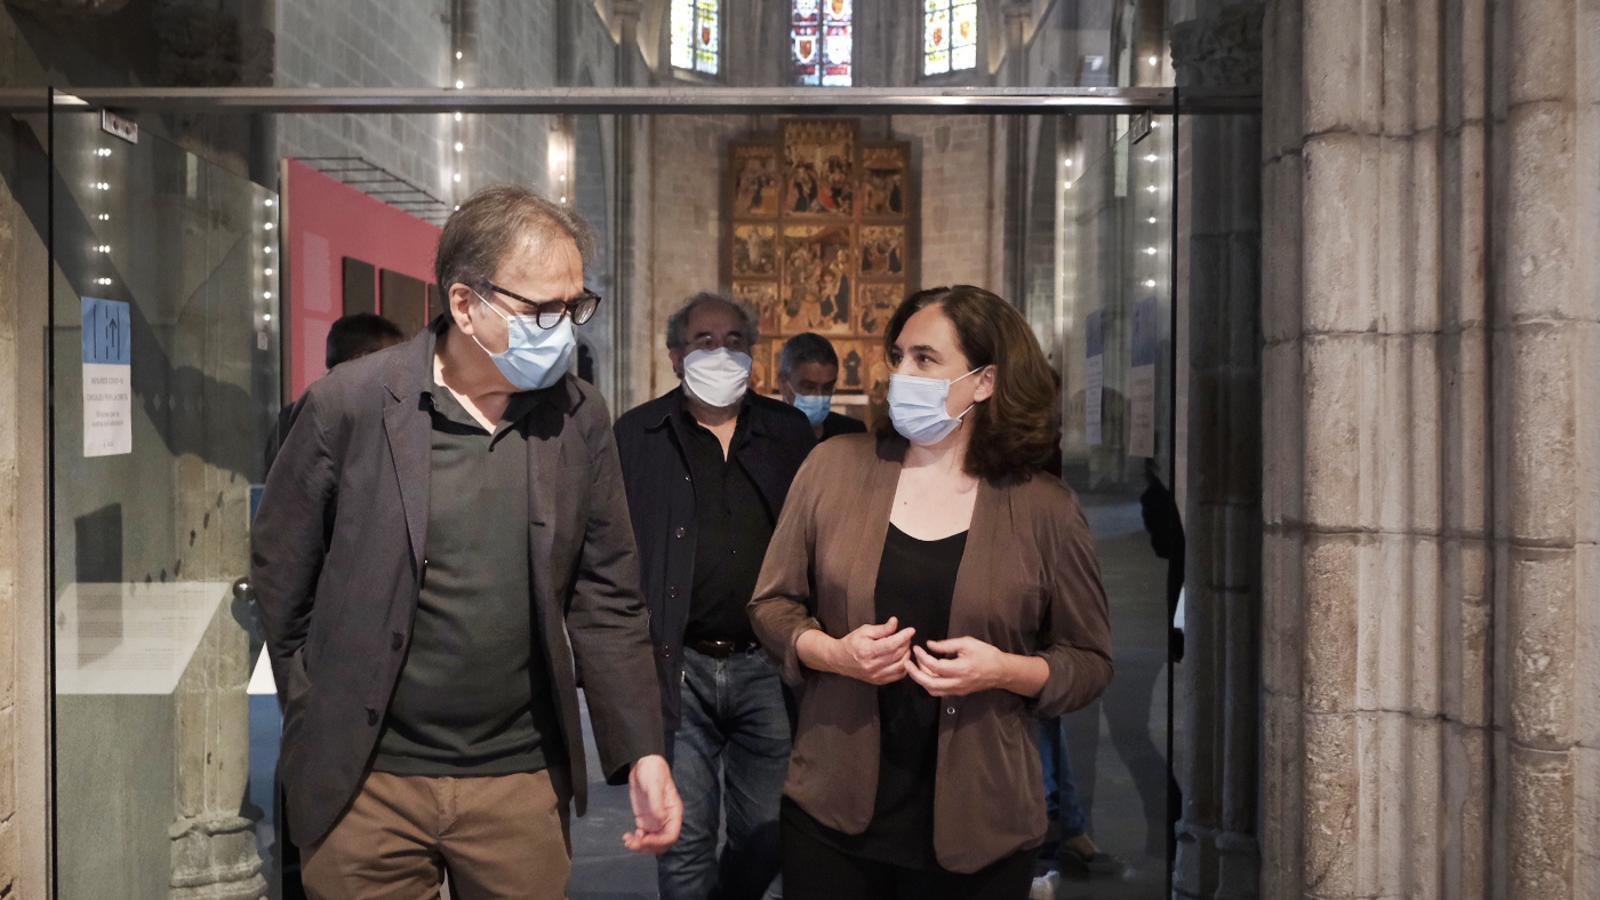 Joan Subirats, Ada Colau i Joan Roca, director del Muhba, sortint de la capella de Santa Àgata,  al Museu d'Història de Barcelona